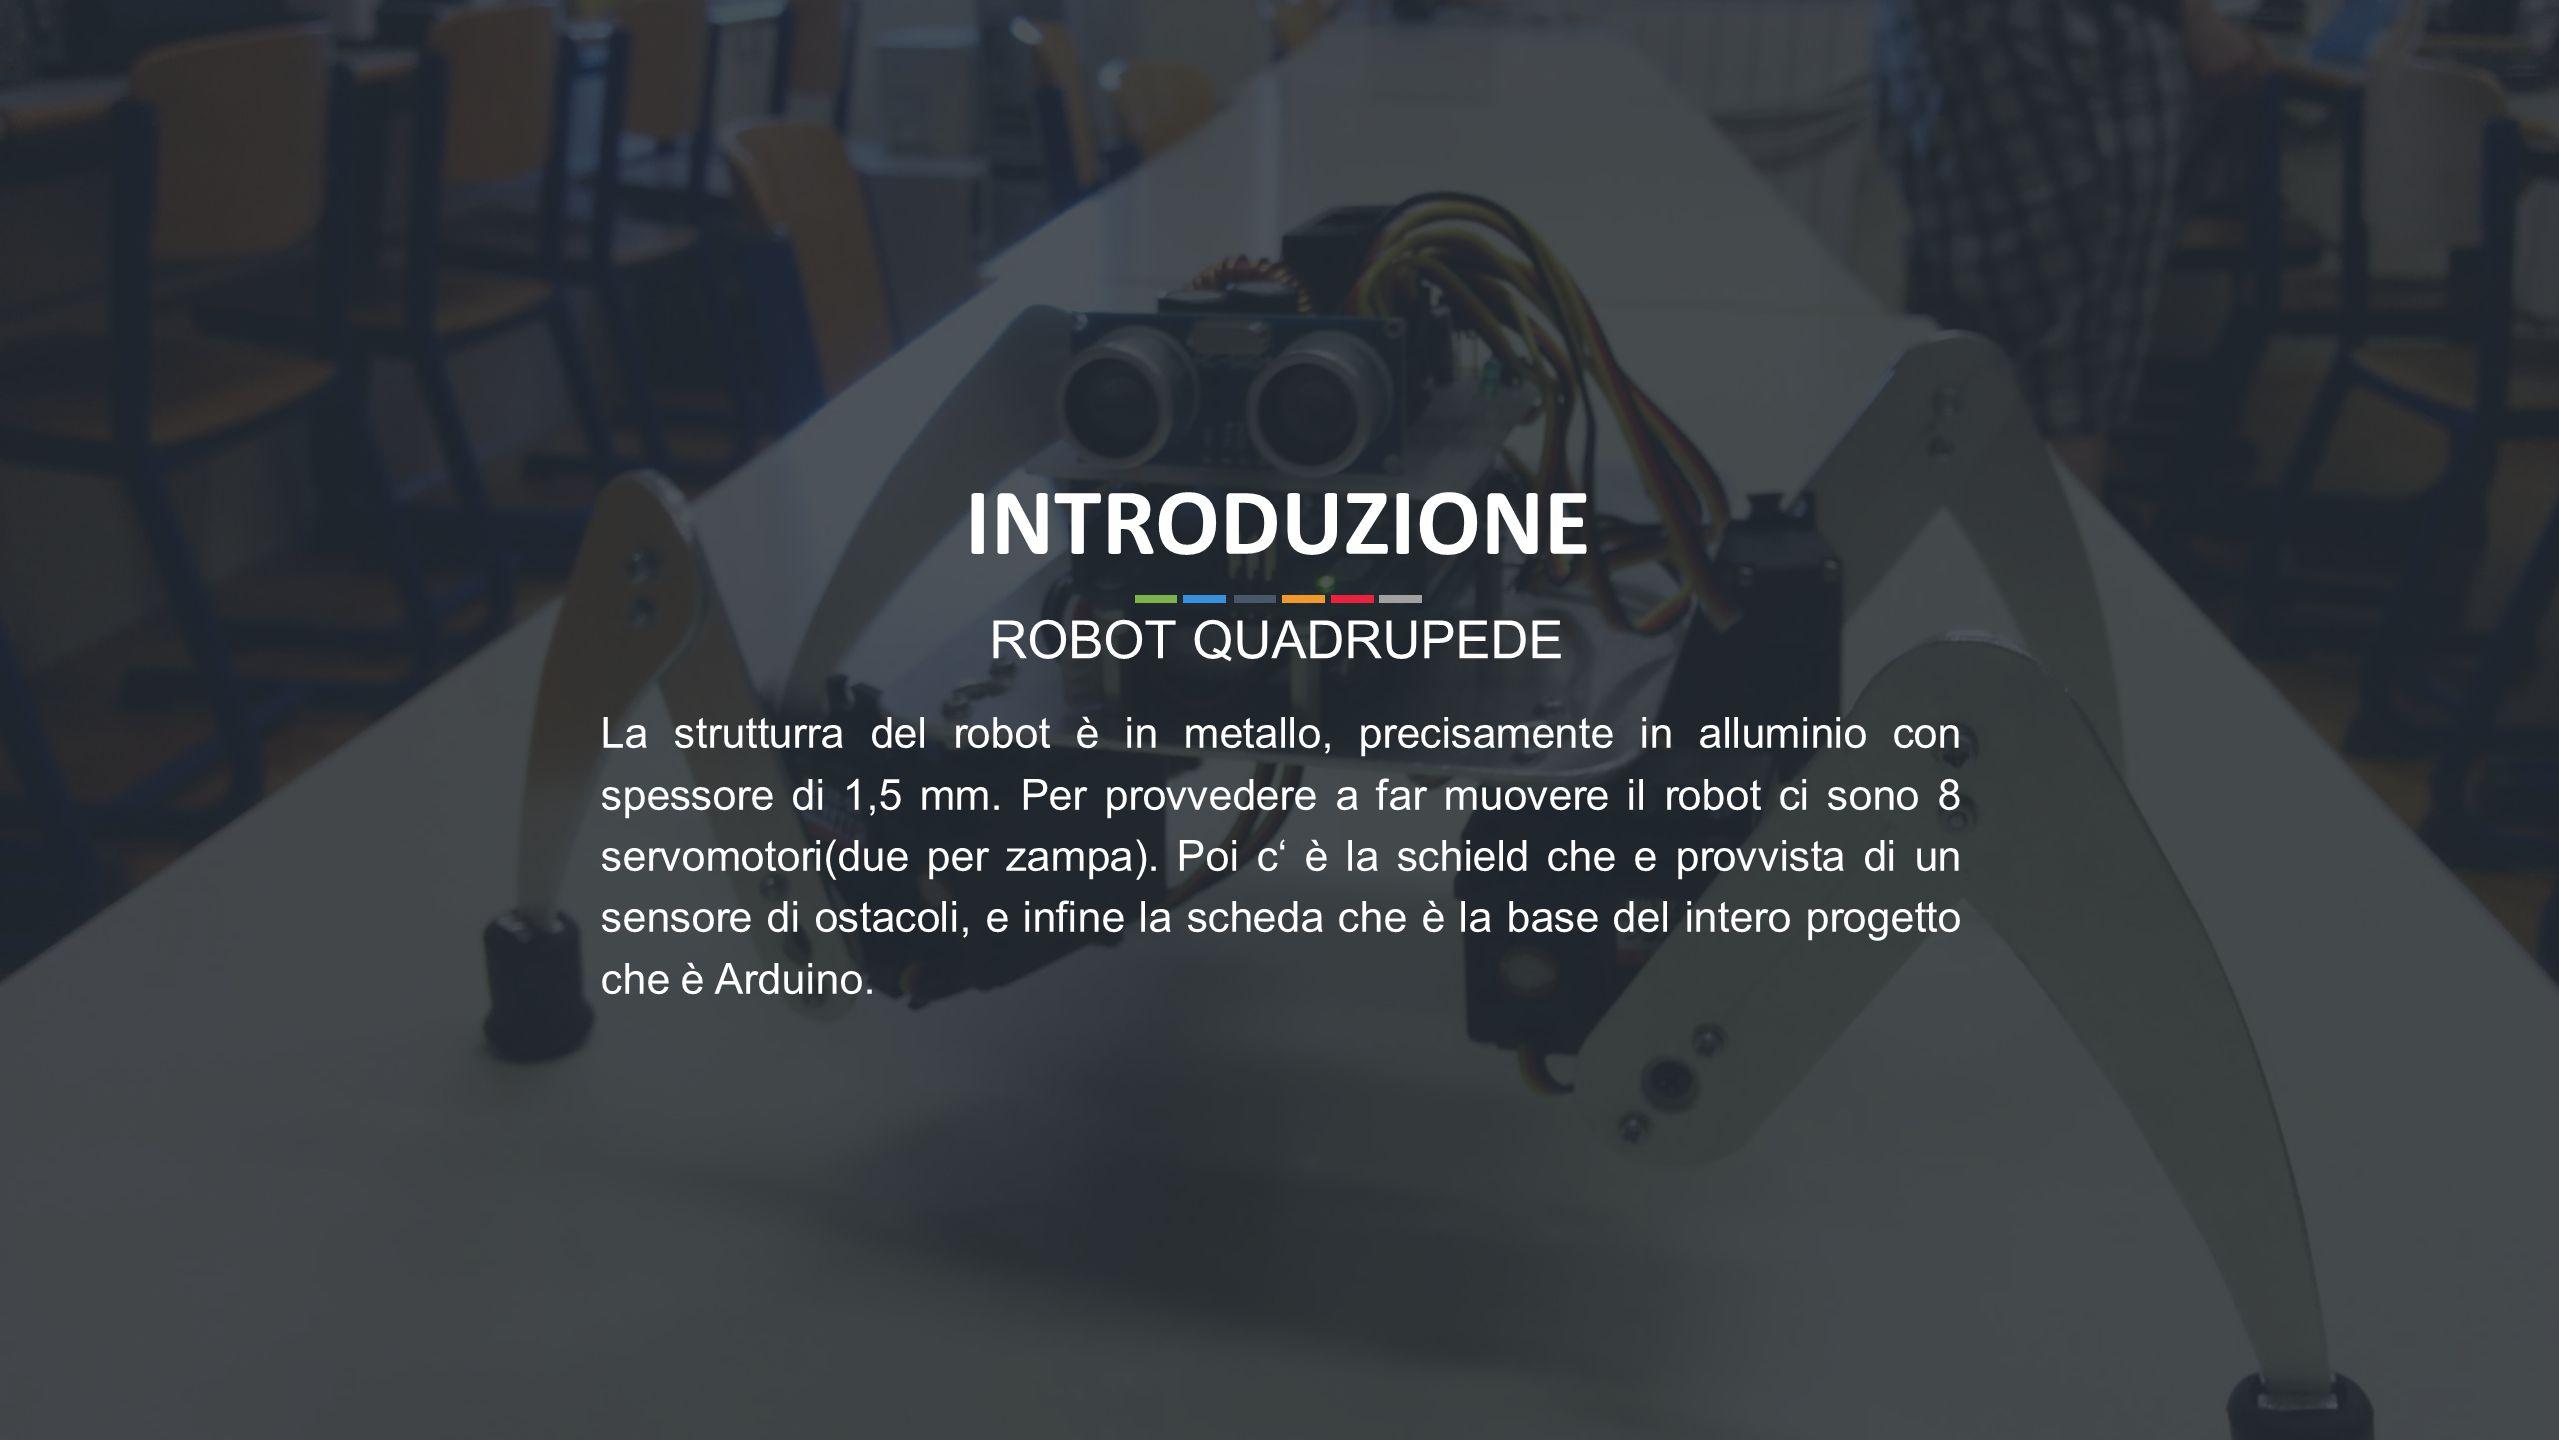 3 La strutturra del robot è in metallo, precisamente in alluminio con spessore di 1,5 mm.